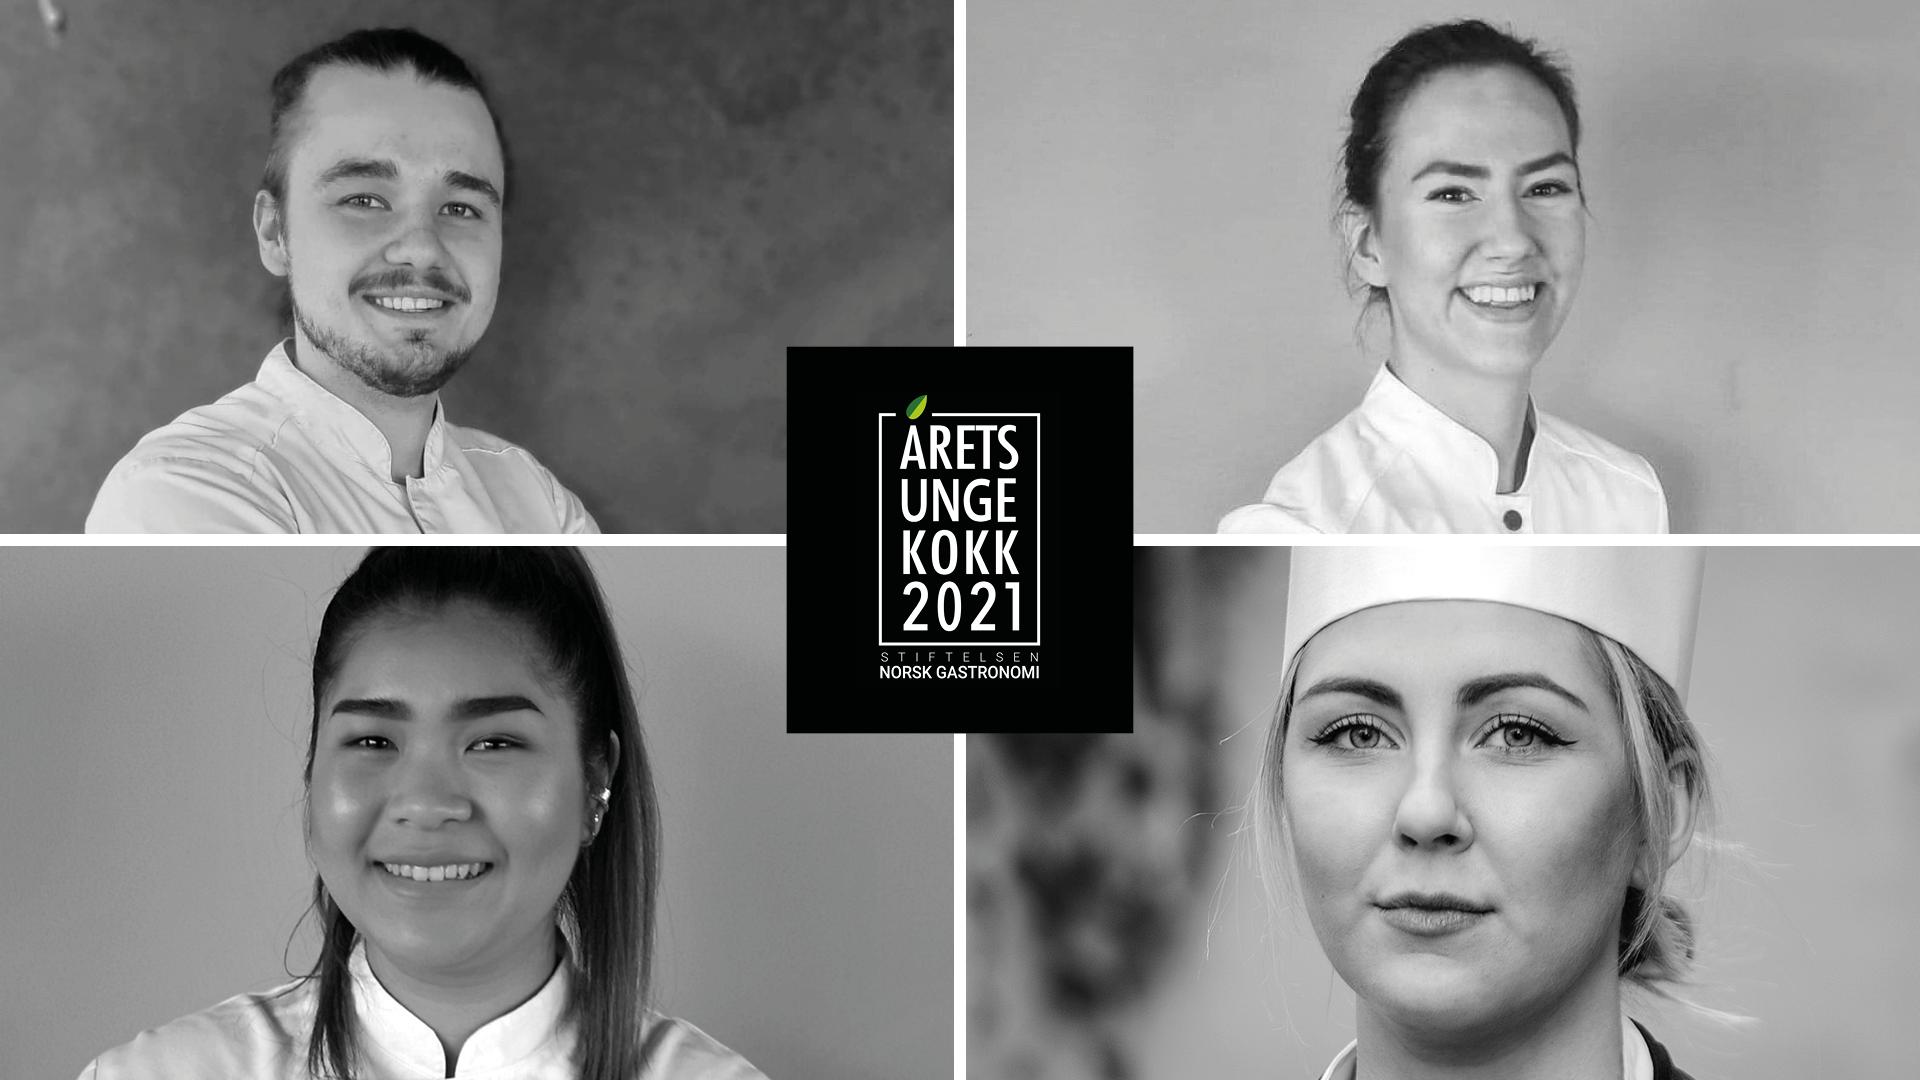 Årets unge kokk 2021-kandidatene